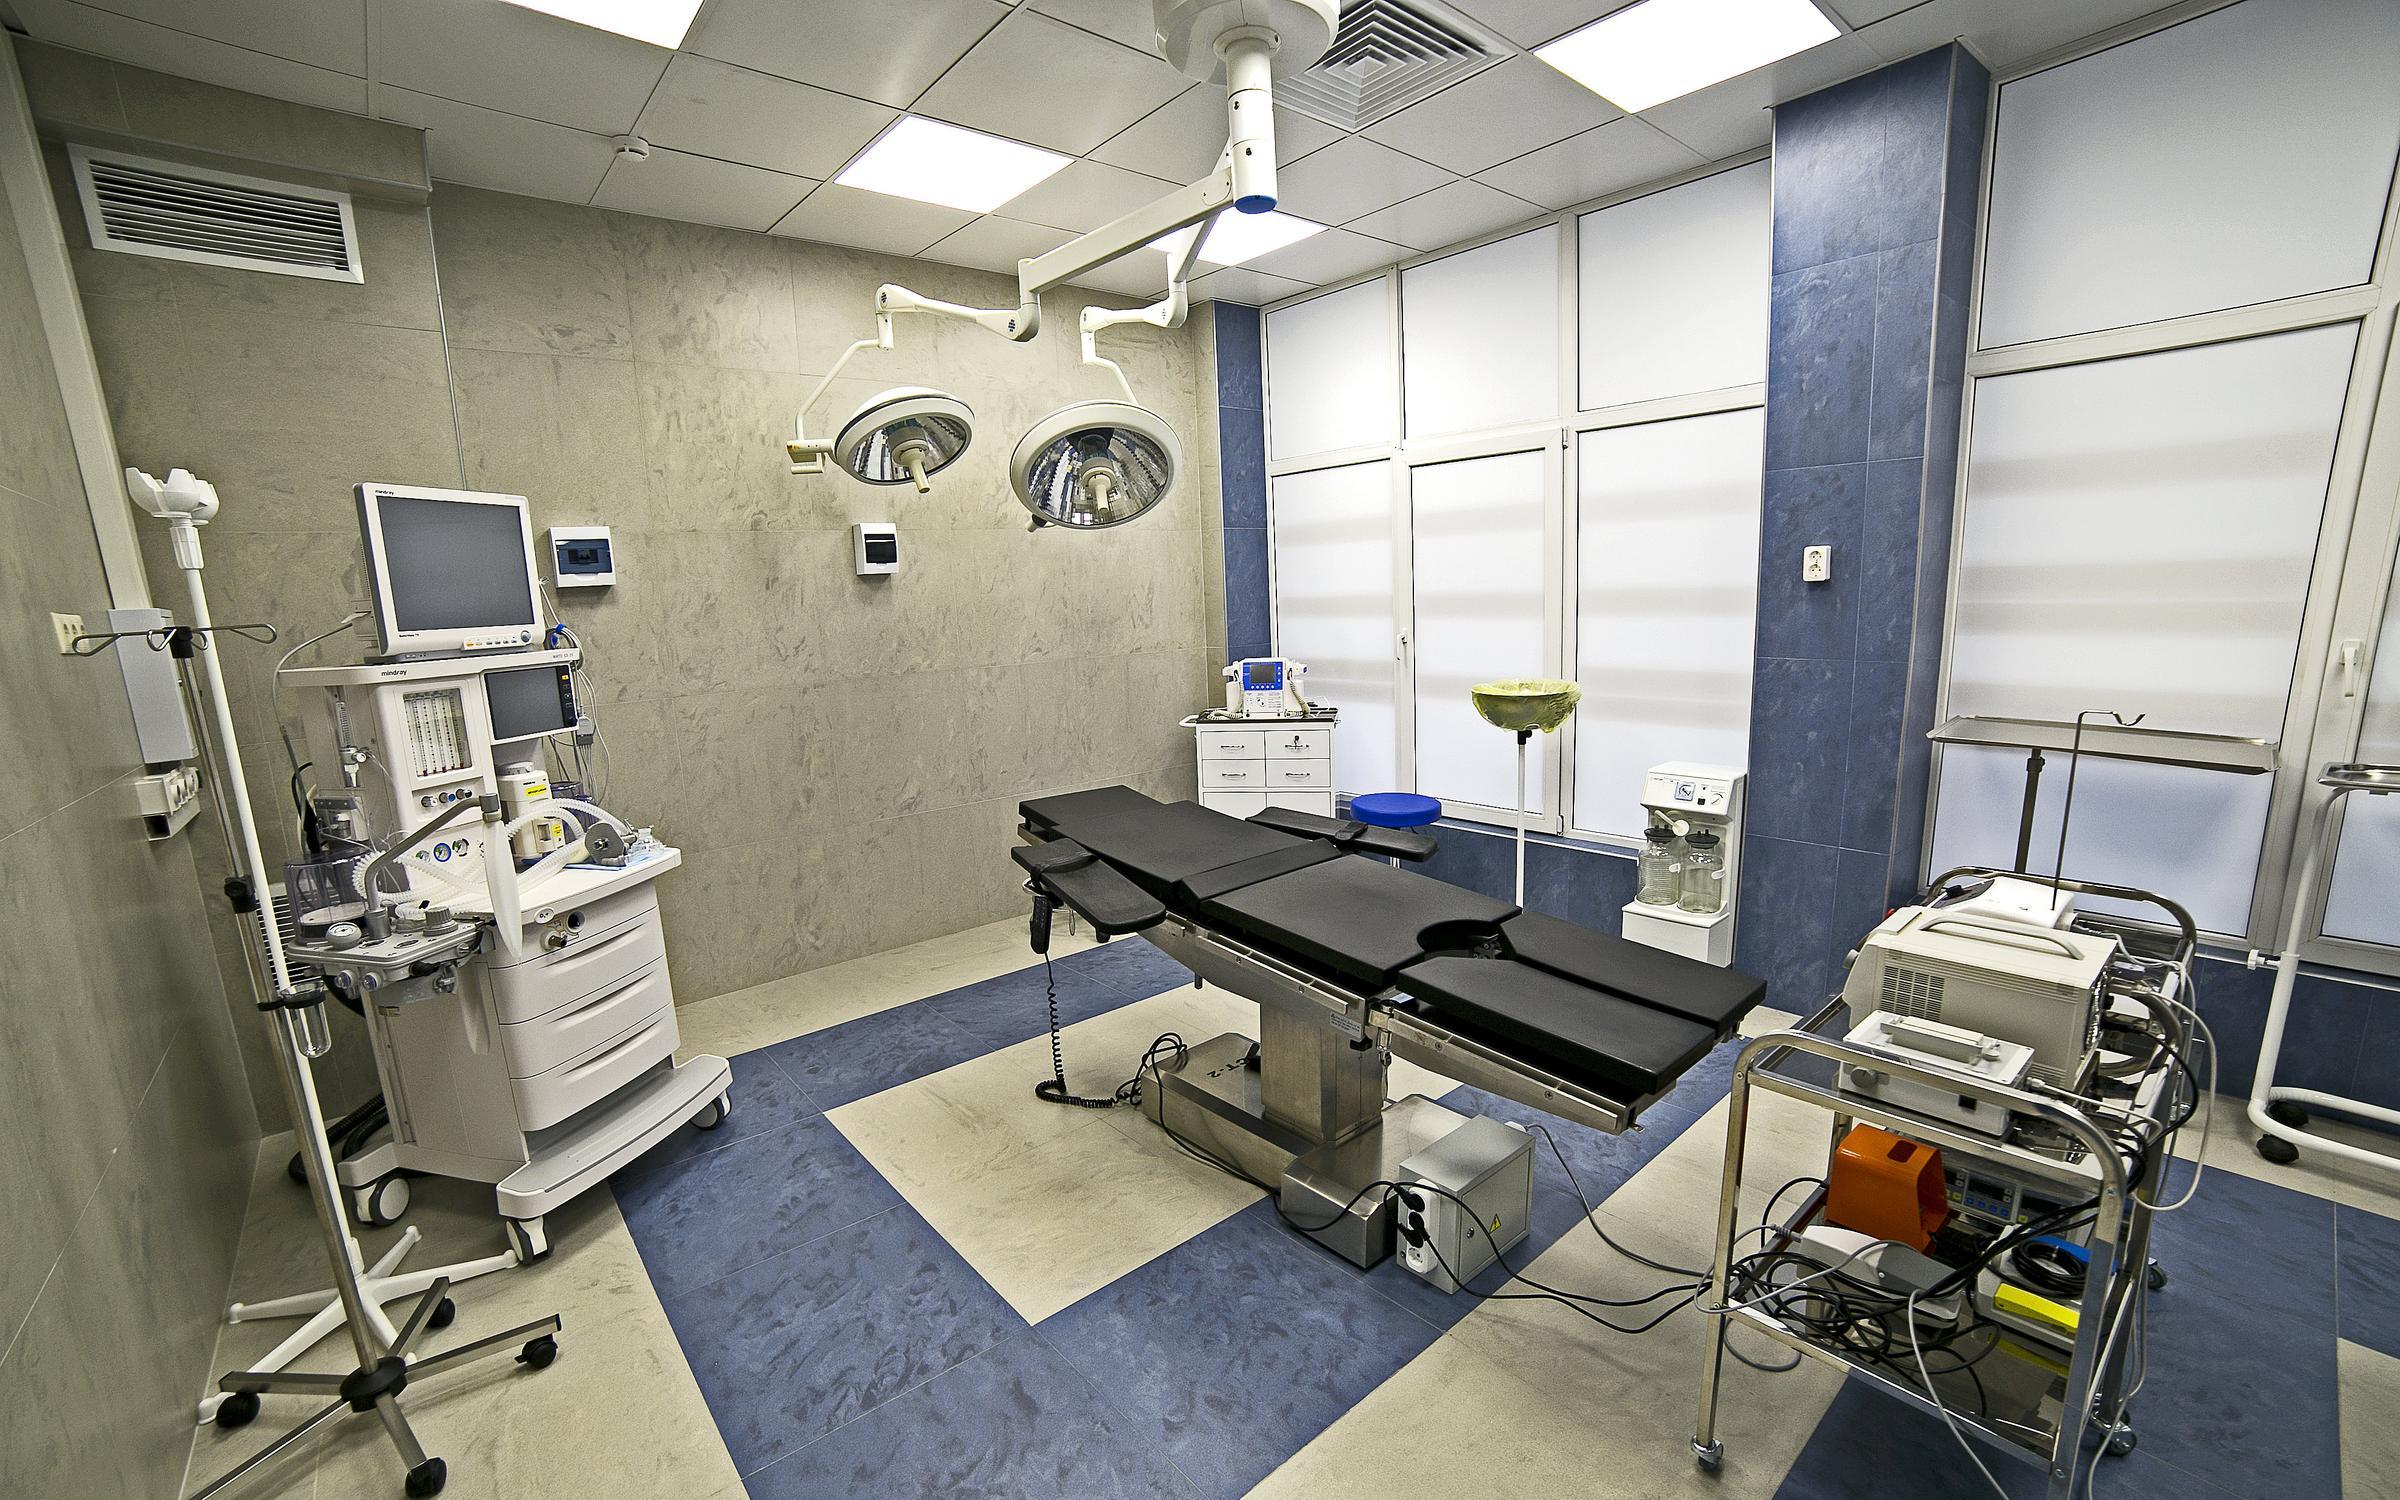 фотография Многопрофильного медицинского центра AVAmedicus на Волжской улице